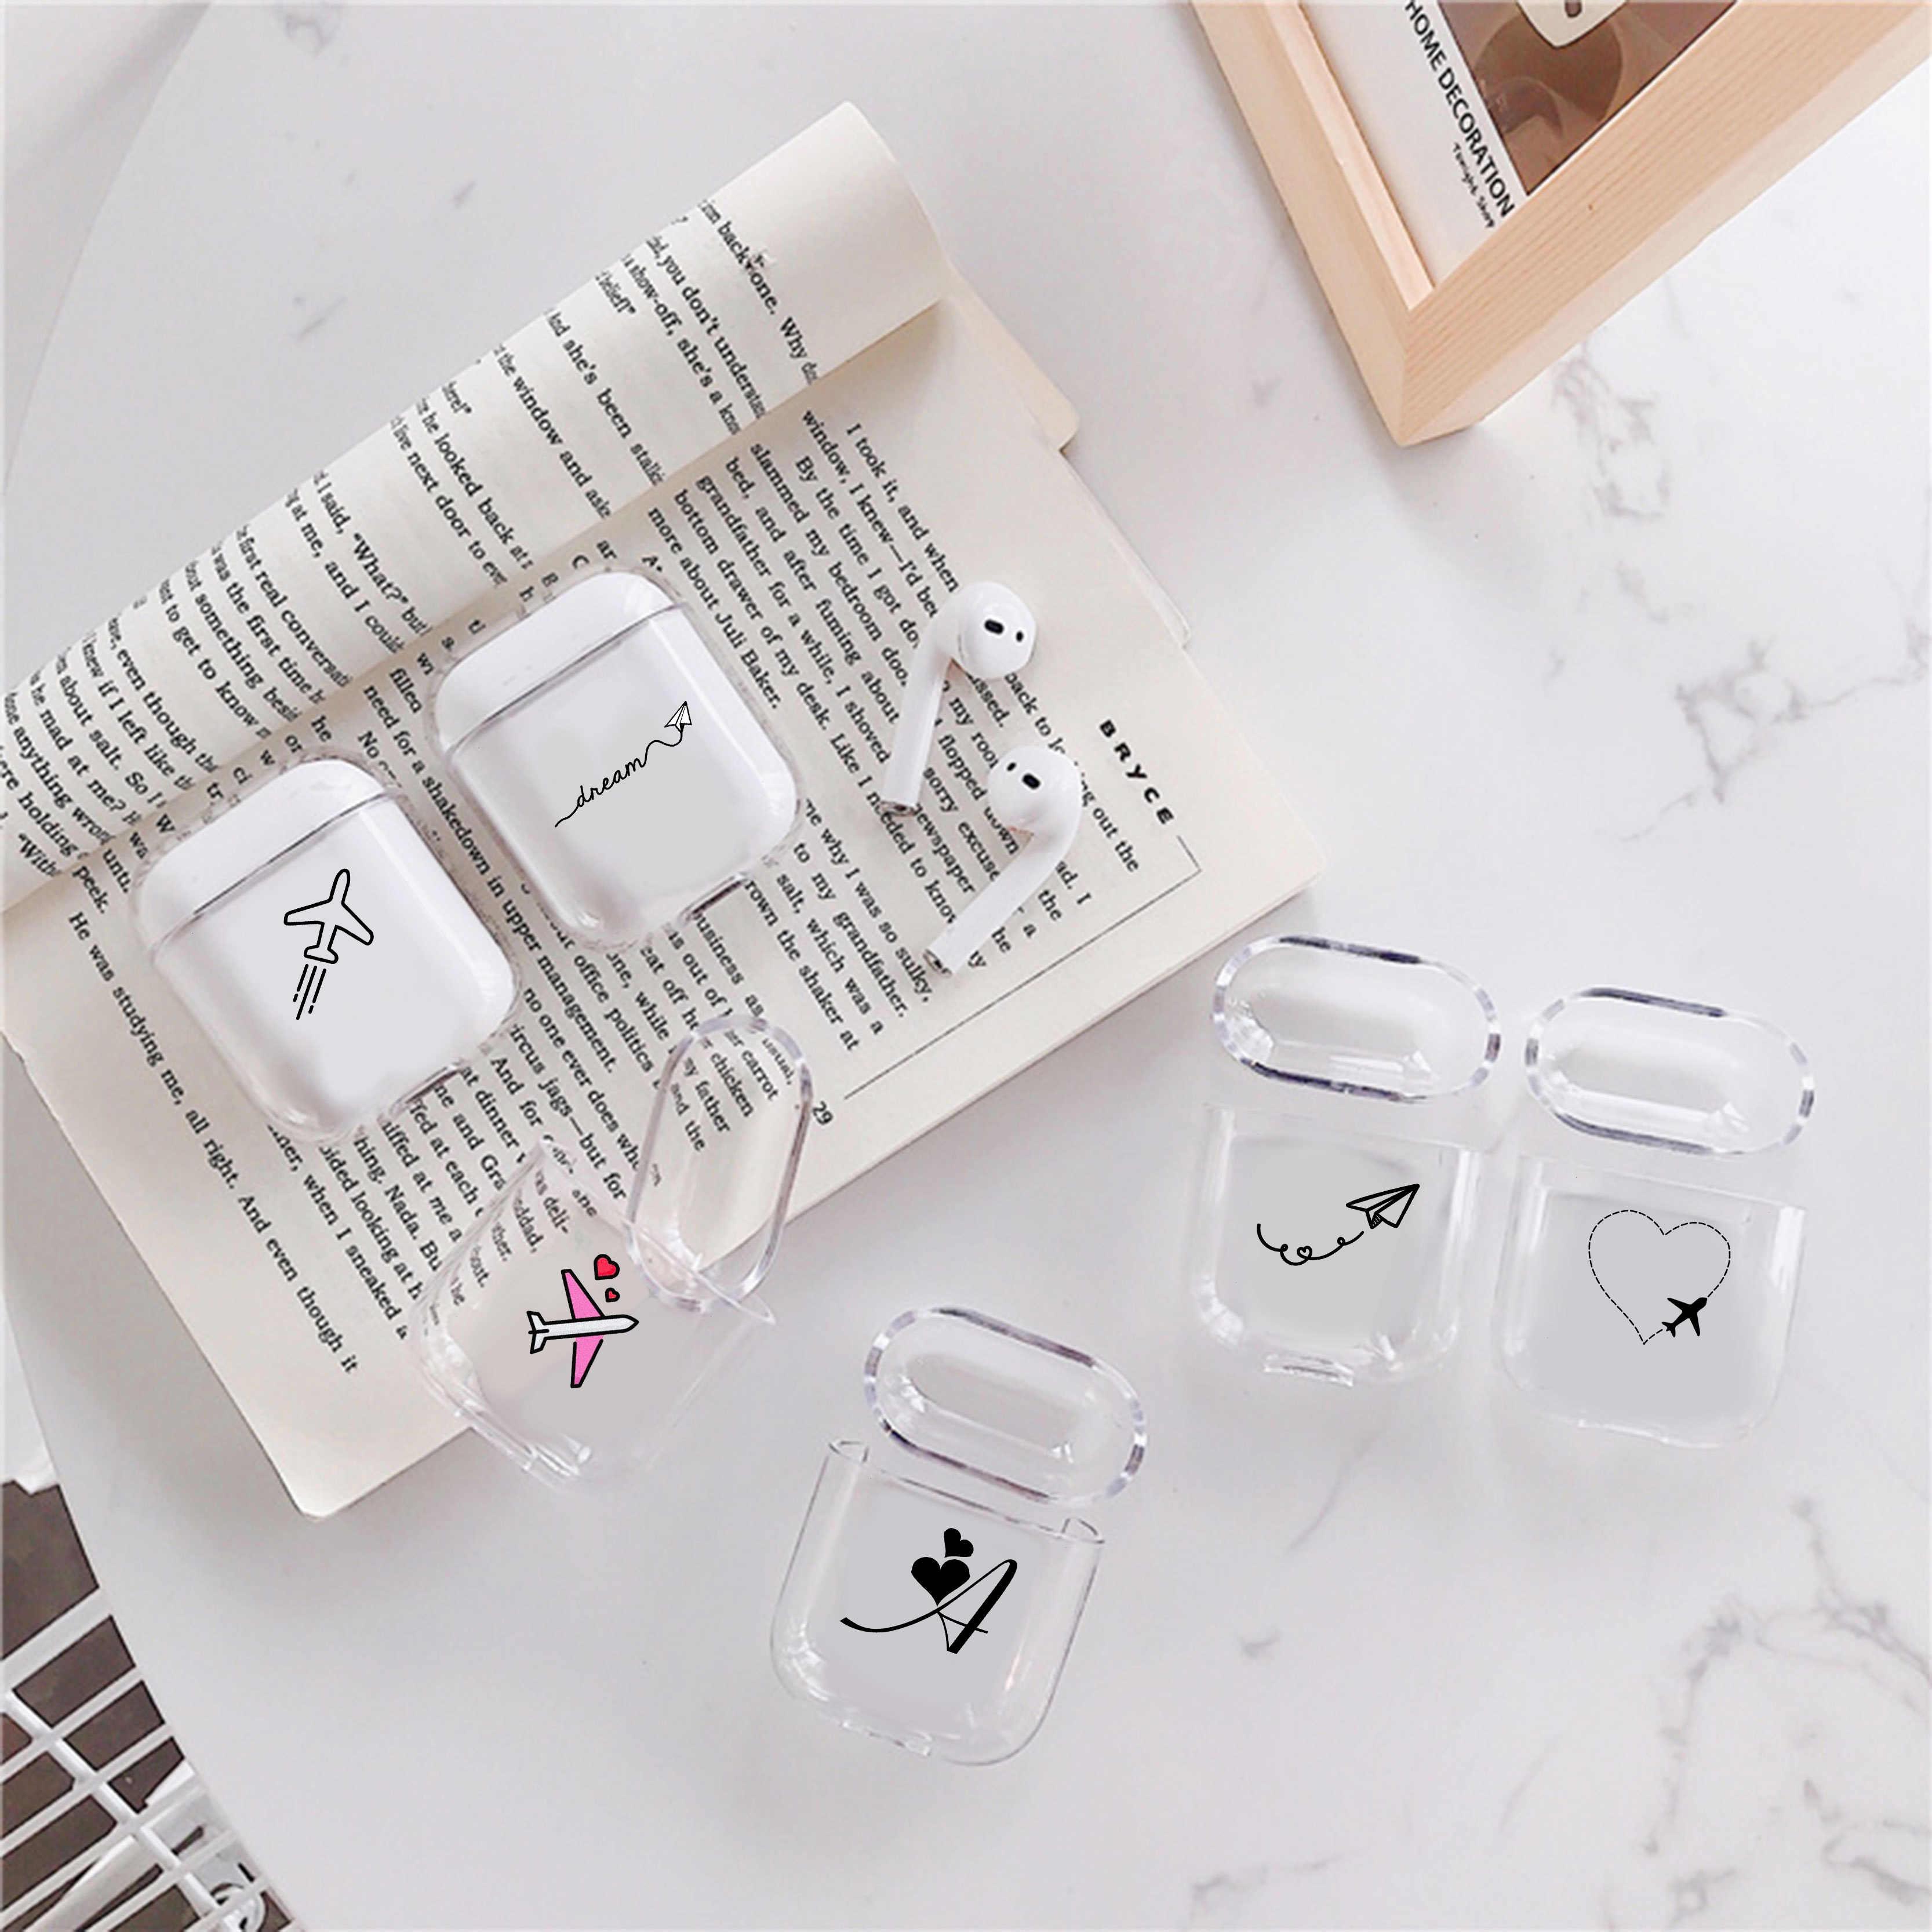 Molle Del Silicone di Lusso Caso Per Apple airpods Baccelli di Aria Caso Sveglio di Linee Semplici Trasparente Airpods Caso in Accessori Per Auricolari